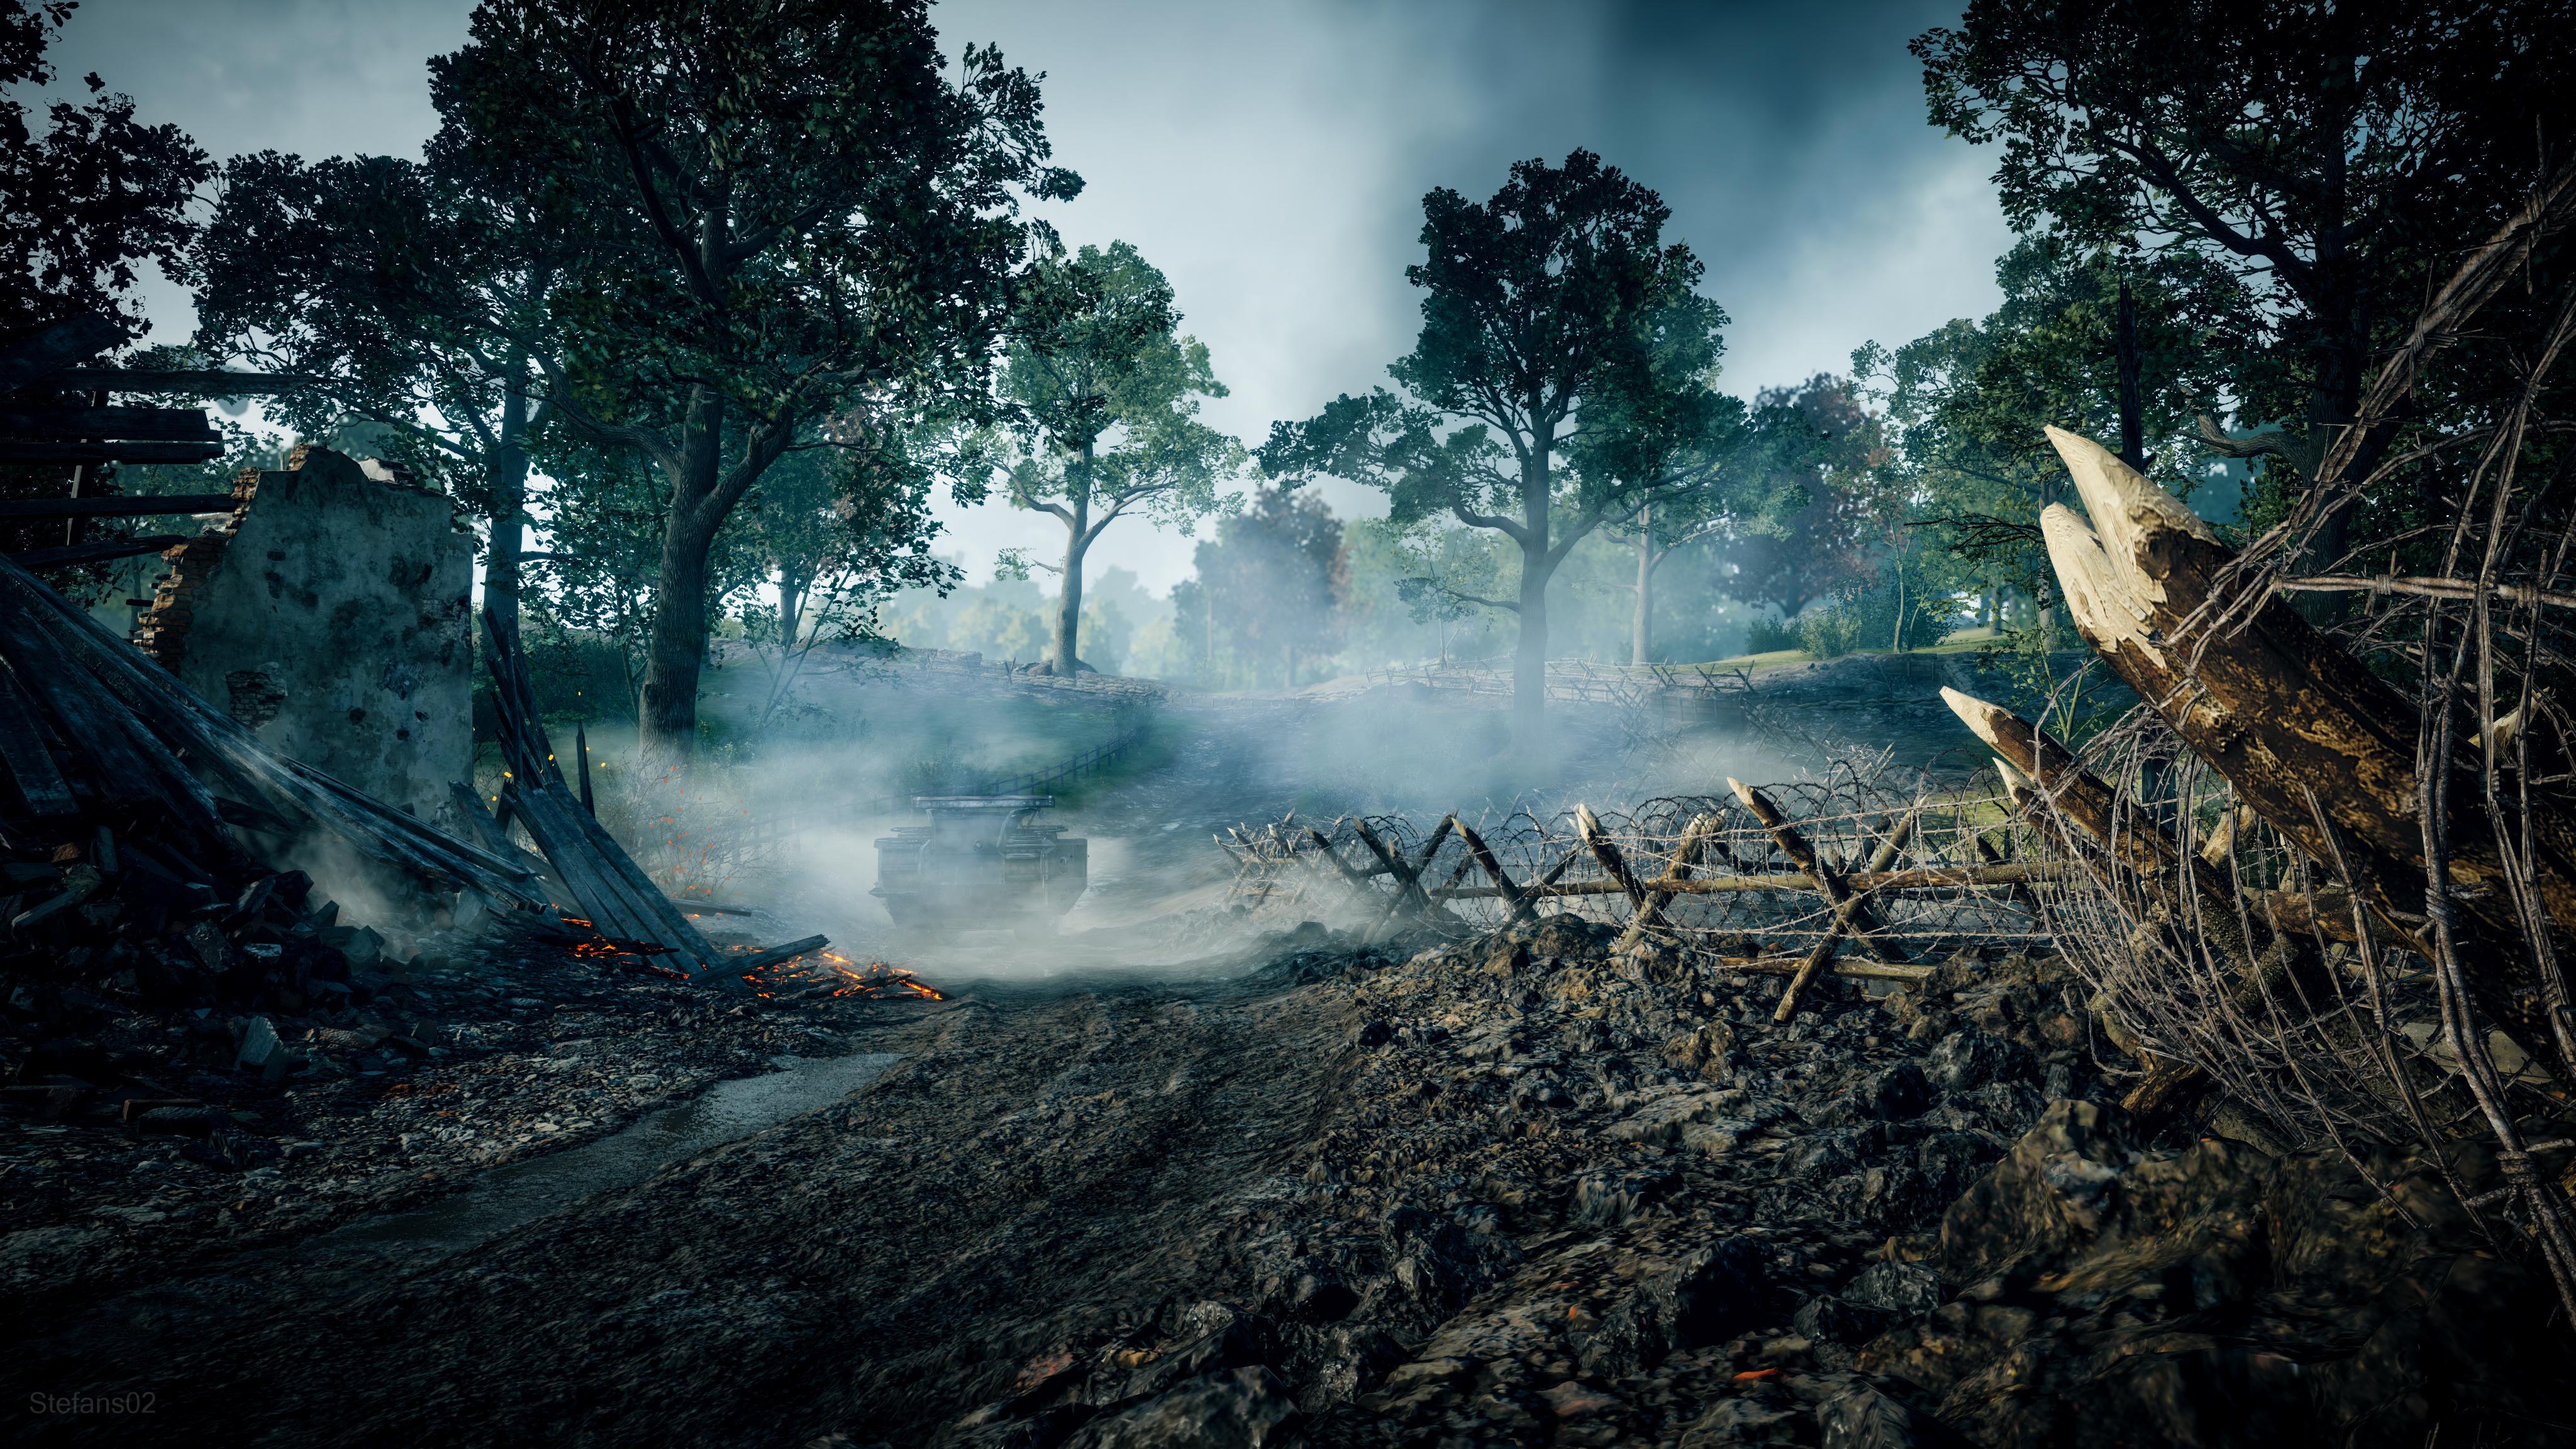 Battlefield 1 4k Ultra Tapeta Hd: Battlefield 1 / From The Mist 4k Ultra HD Wallpaper